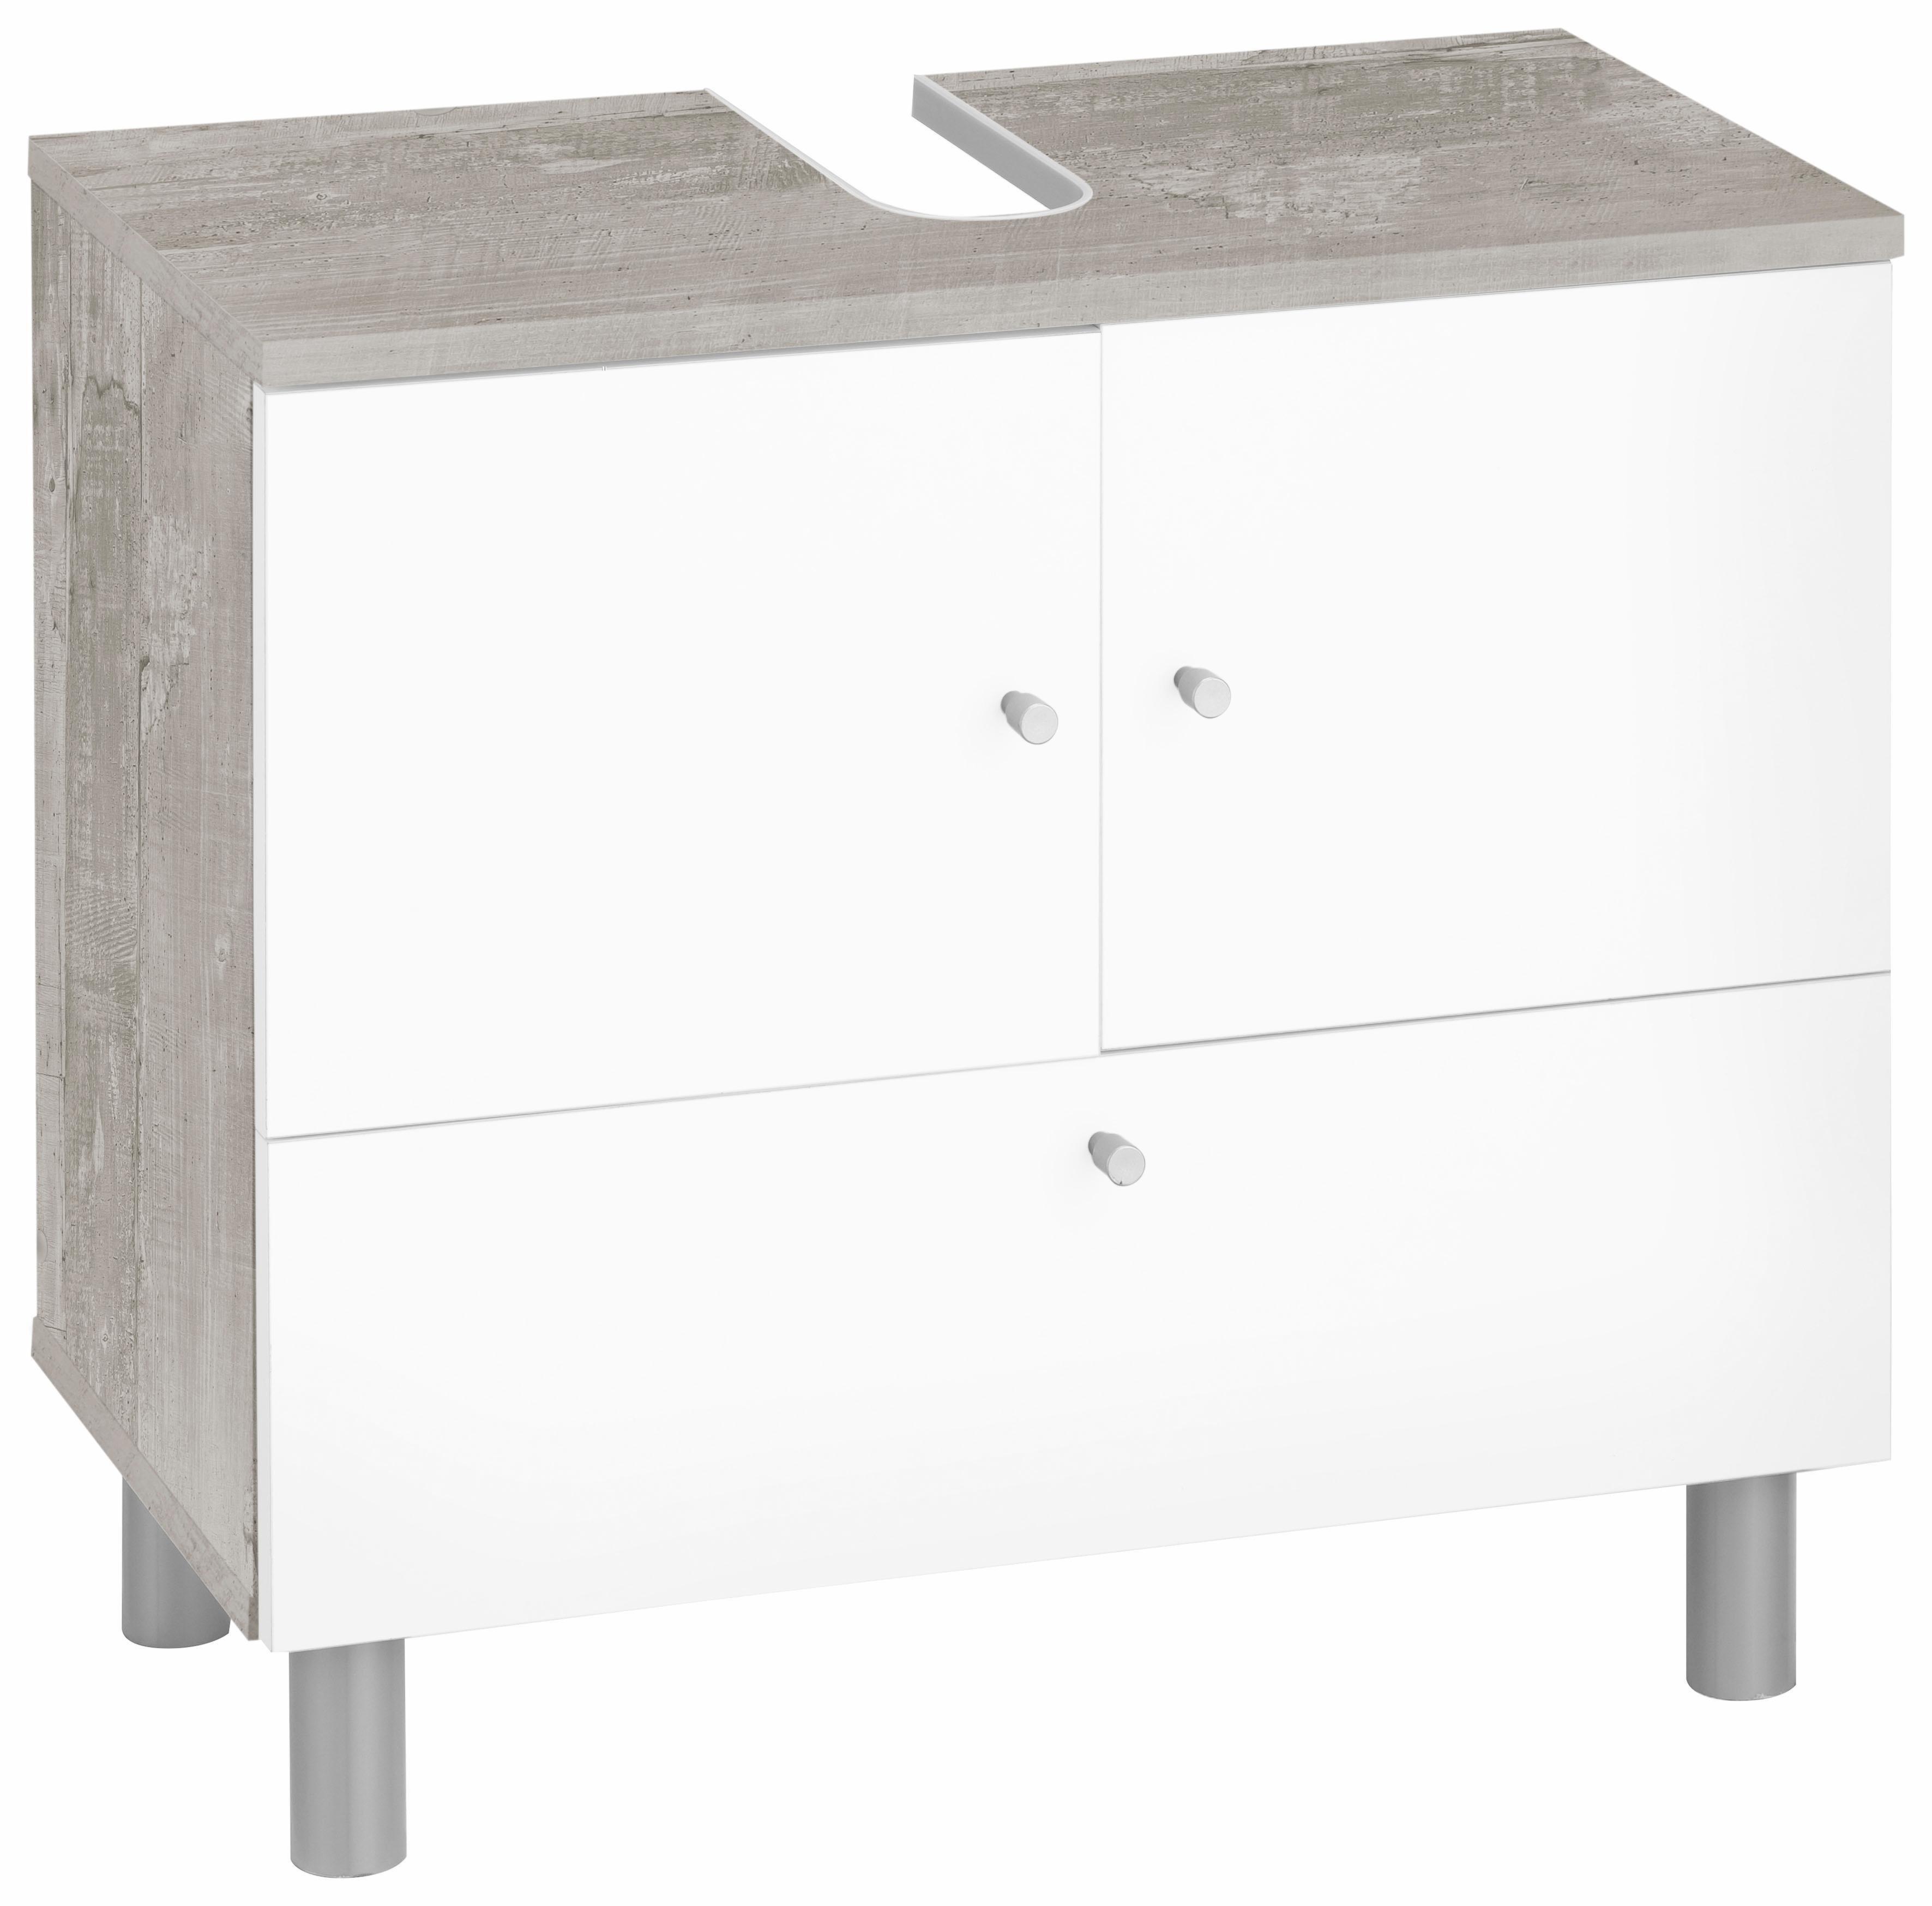 Waschbeckenunterschrank »Simply«, mit 2 Türen und 1 Klappe   Bad > Badmöbel > Waschbeckenunterschränke   Sonoma - Eiche - Beton - Melamin